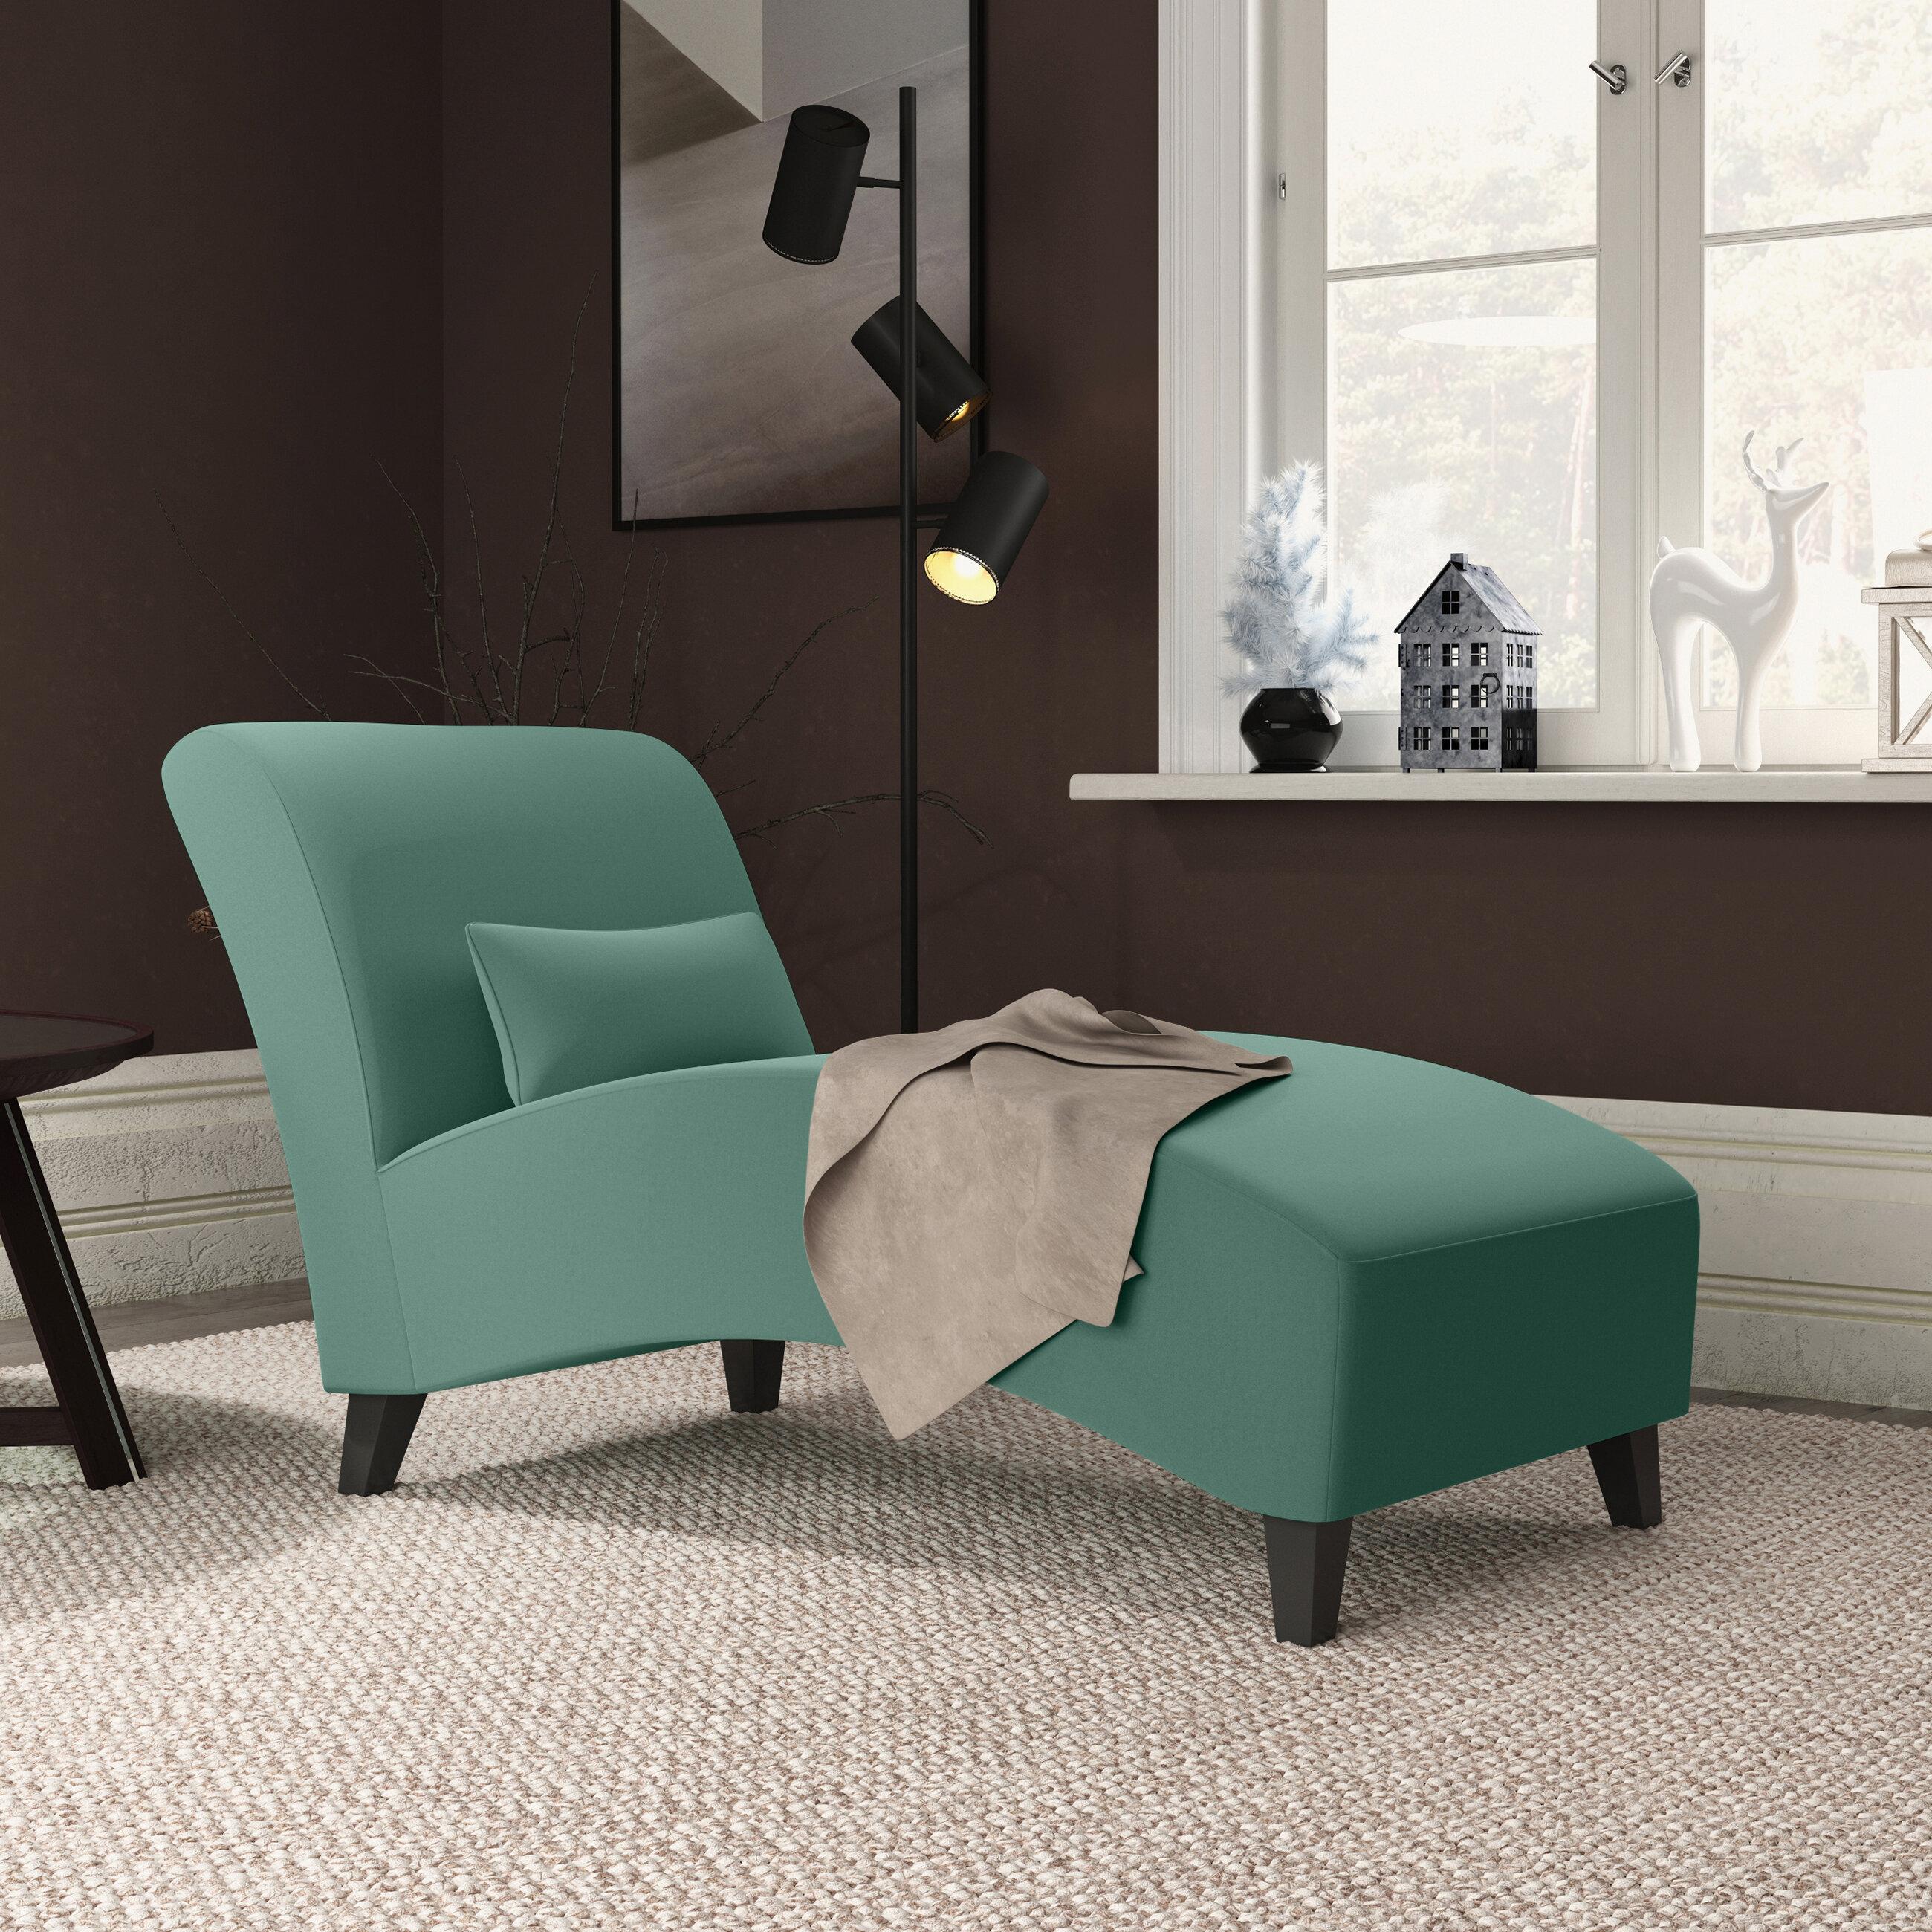 Fantastic Braemar Chaise Lounge Machost Co Dining Chair Design Ideas Machostcouk